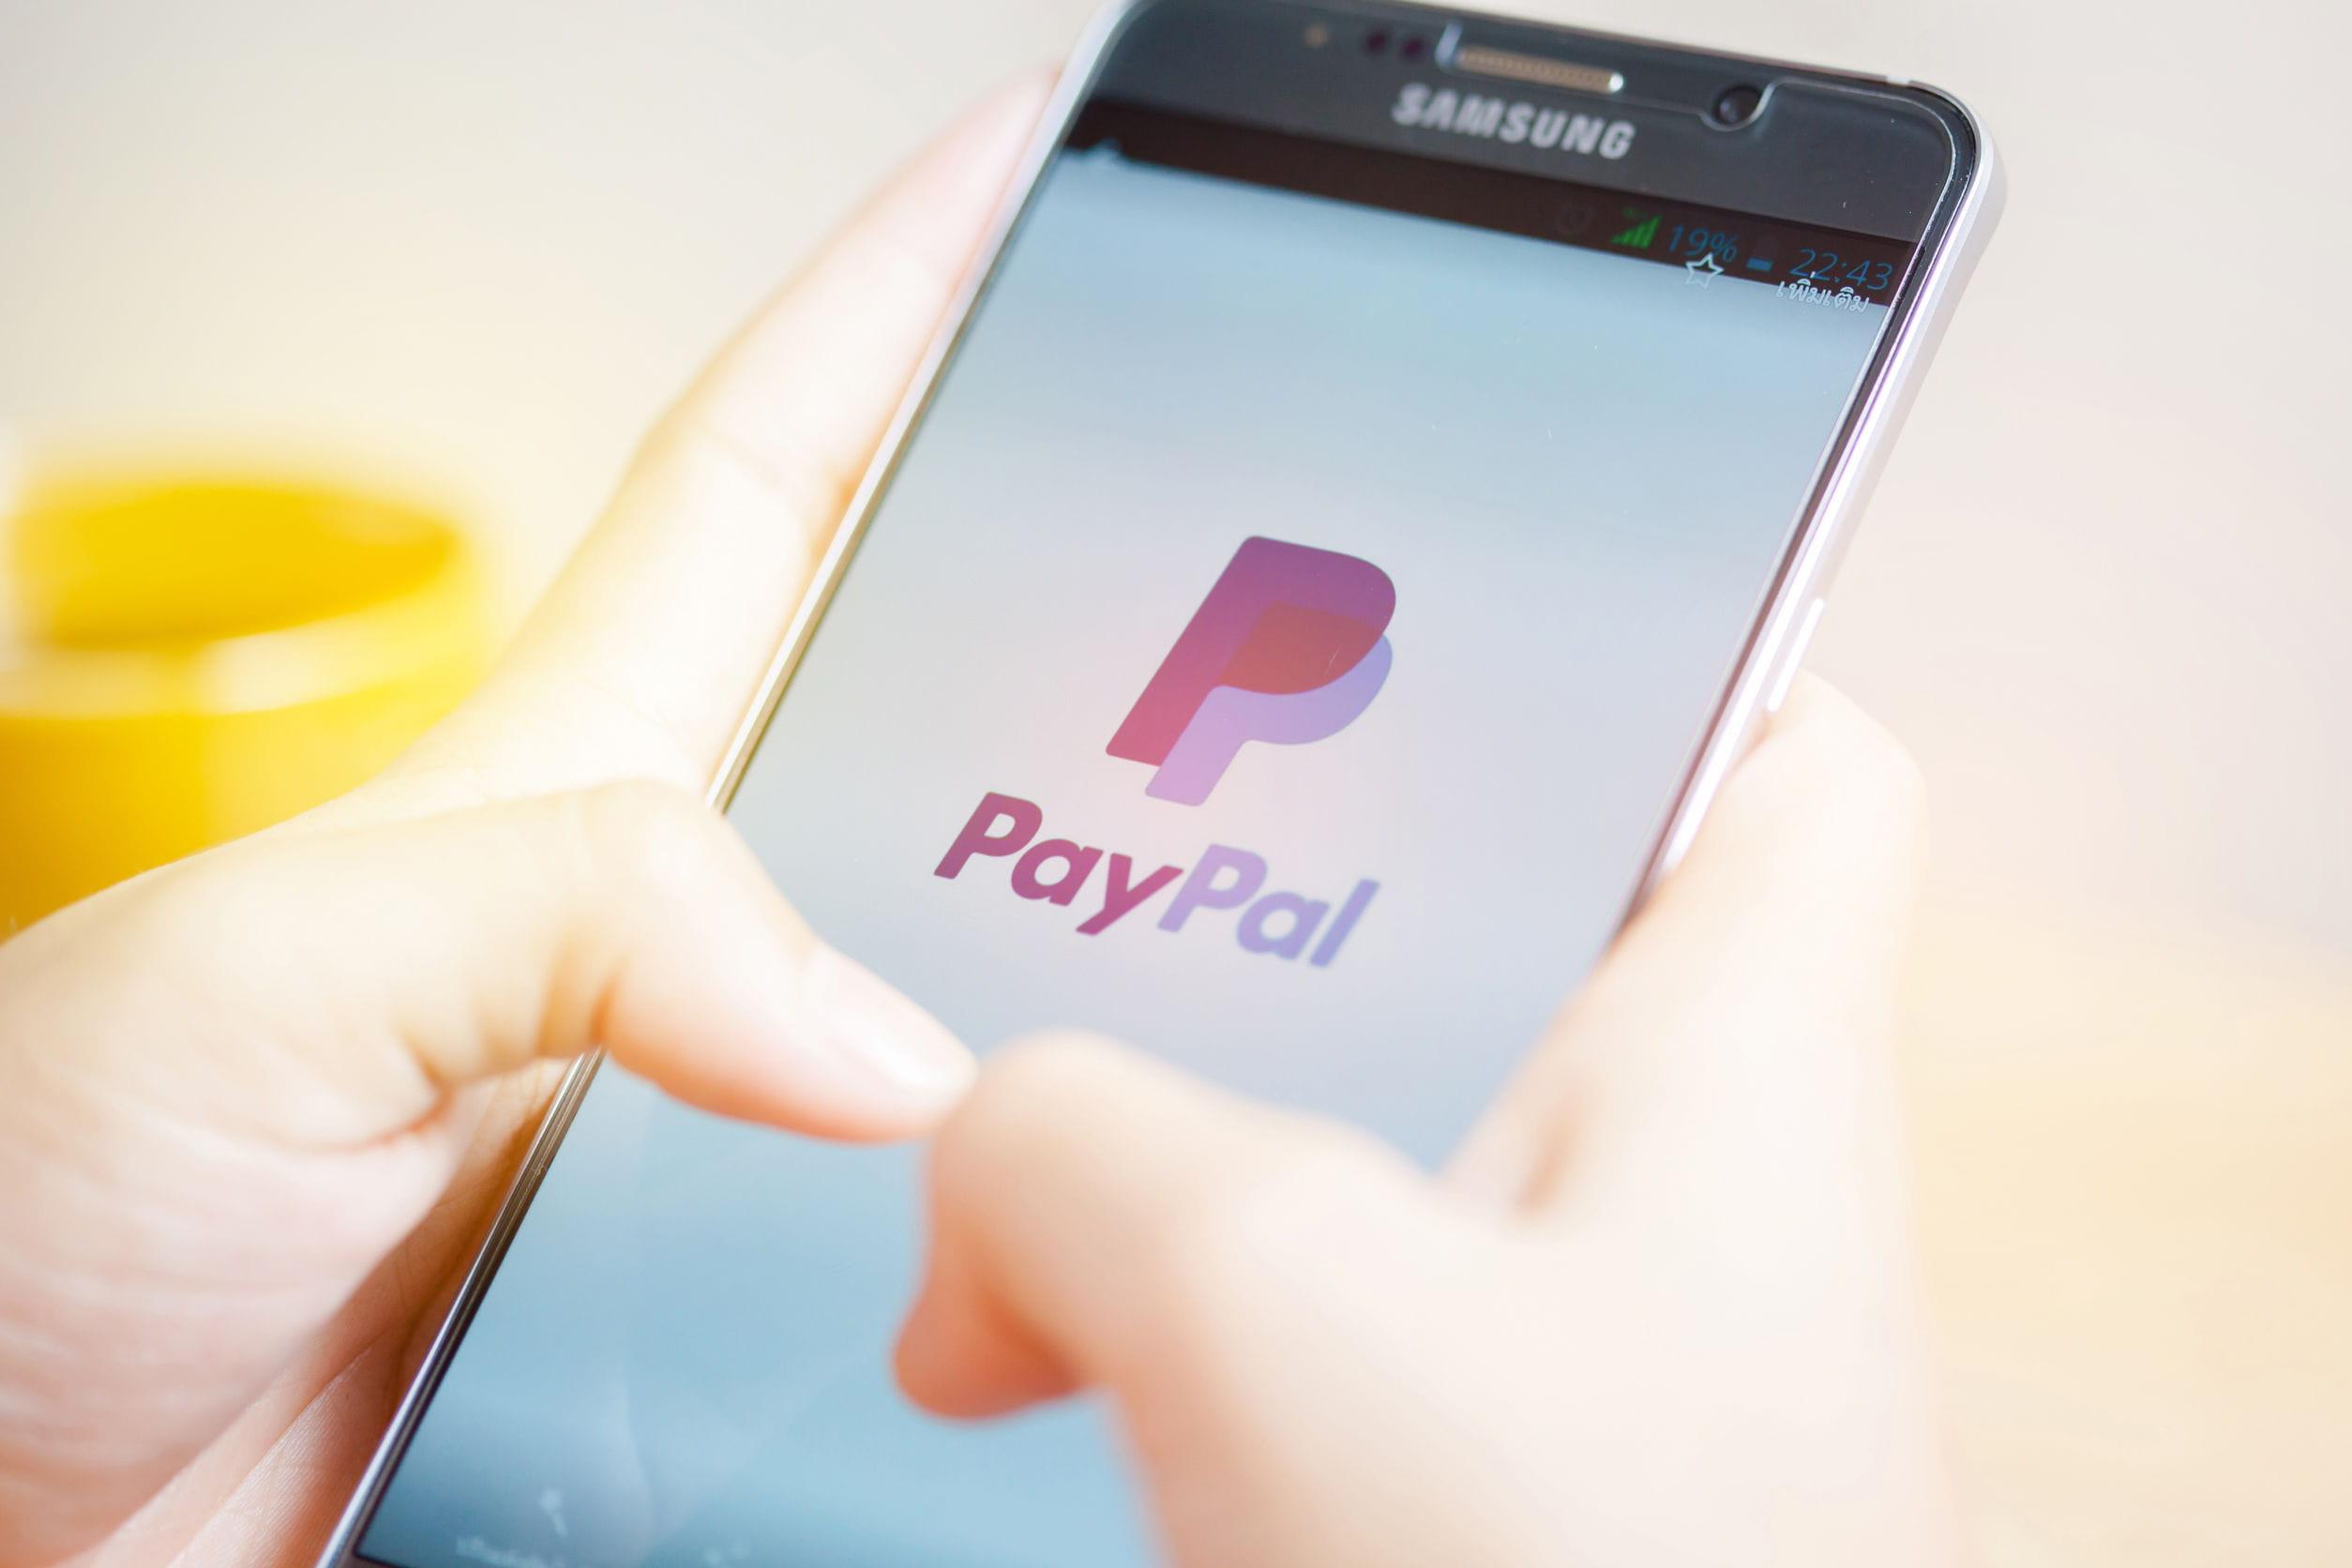 Darse de baja o cerrar cuenta en PayPal - CCM